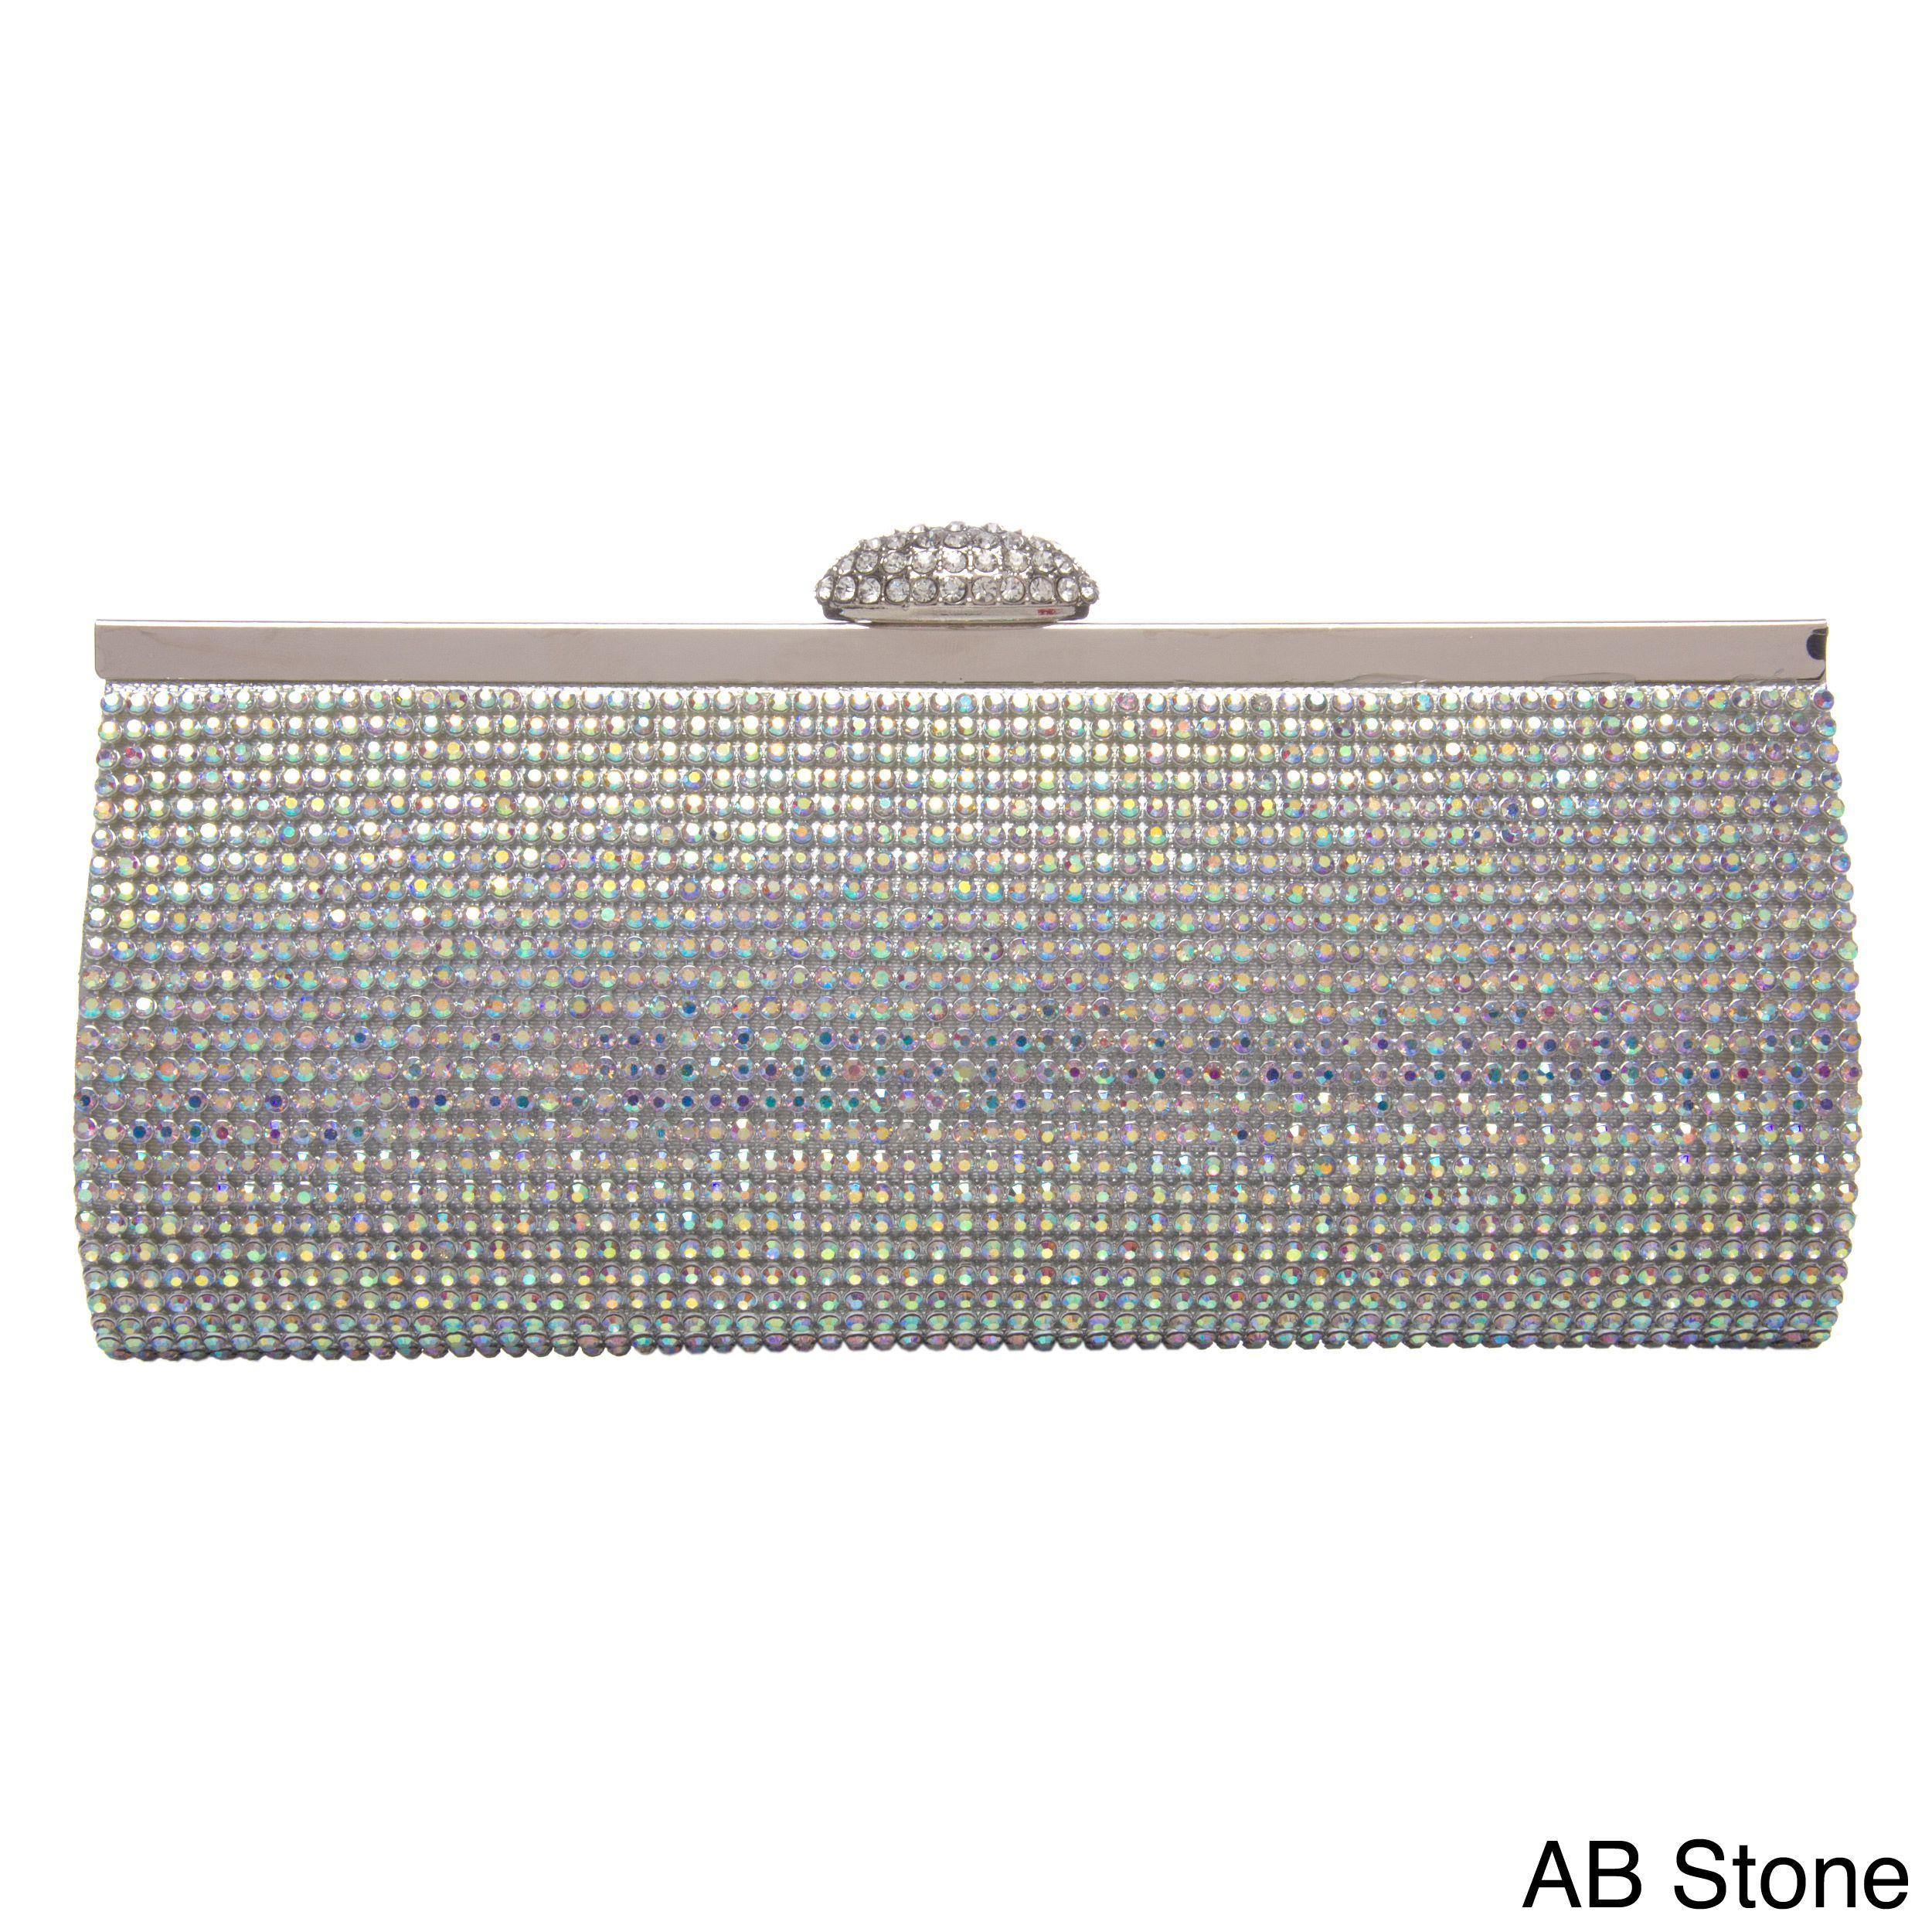 163a610dea J. Furmani Women s Fully Crystal Evening Bag (AB Stone)